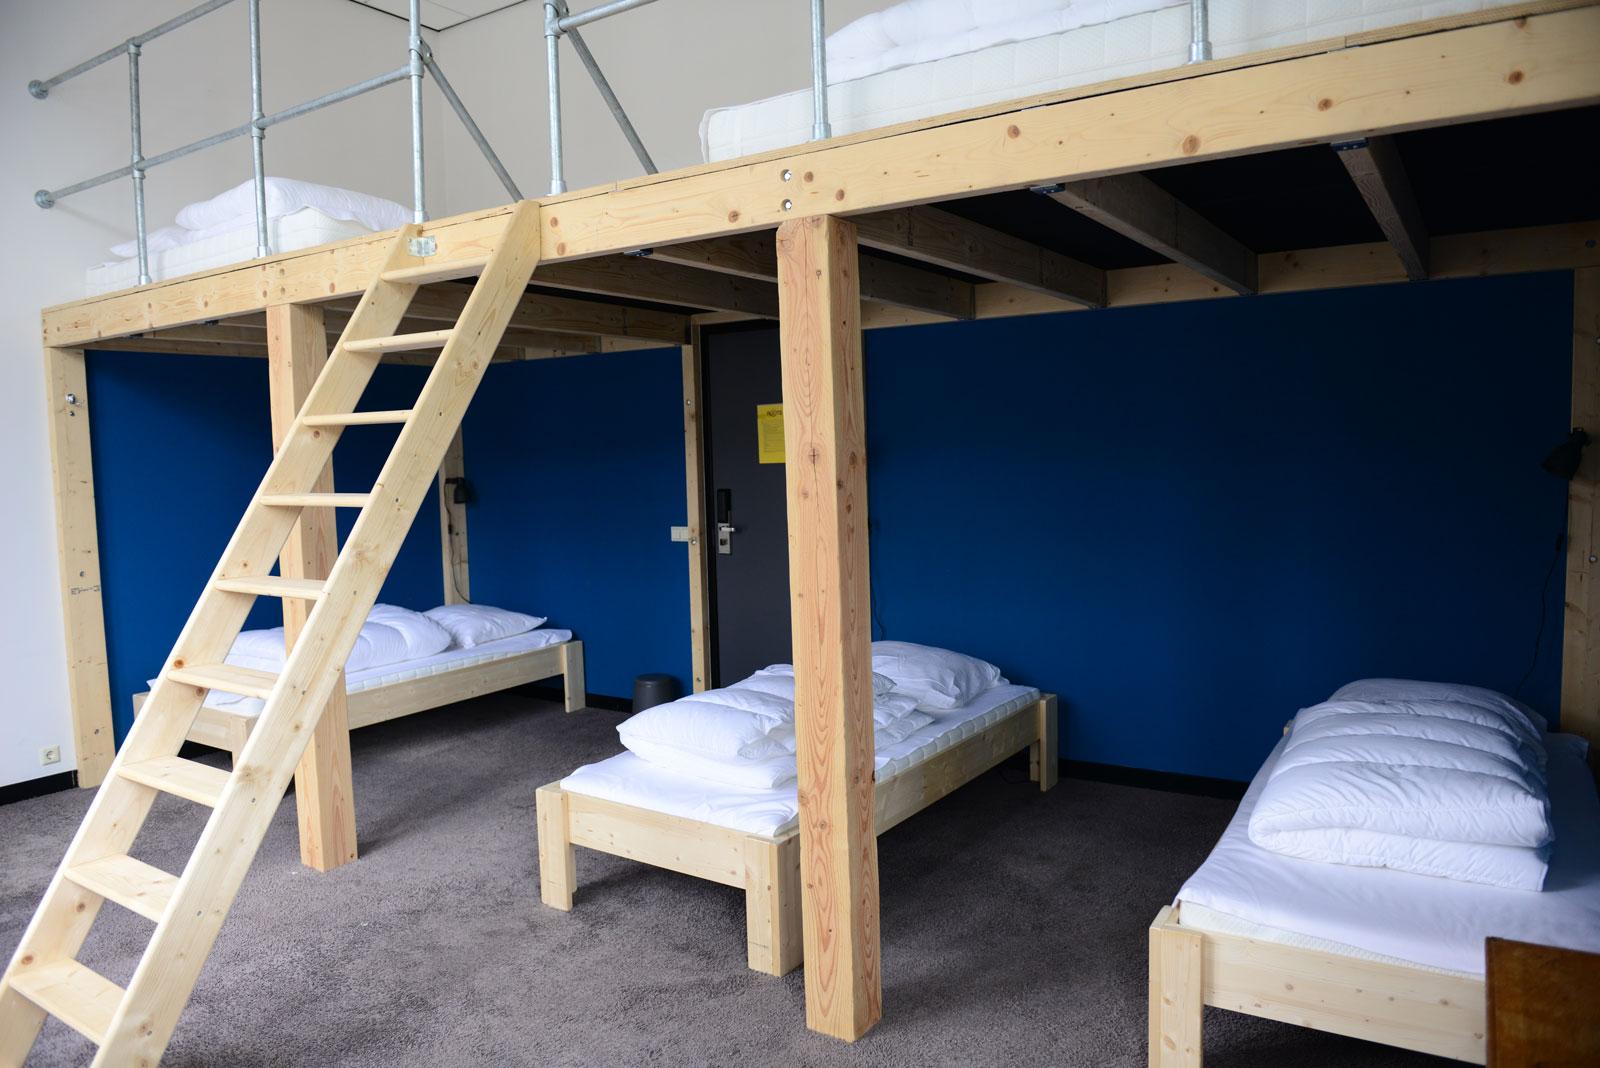 Hostel Roots Tilburg - Standard Shared Rooms - slider 2